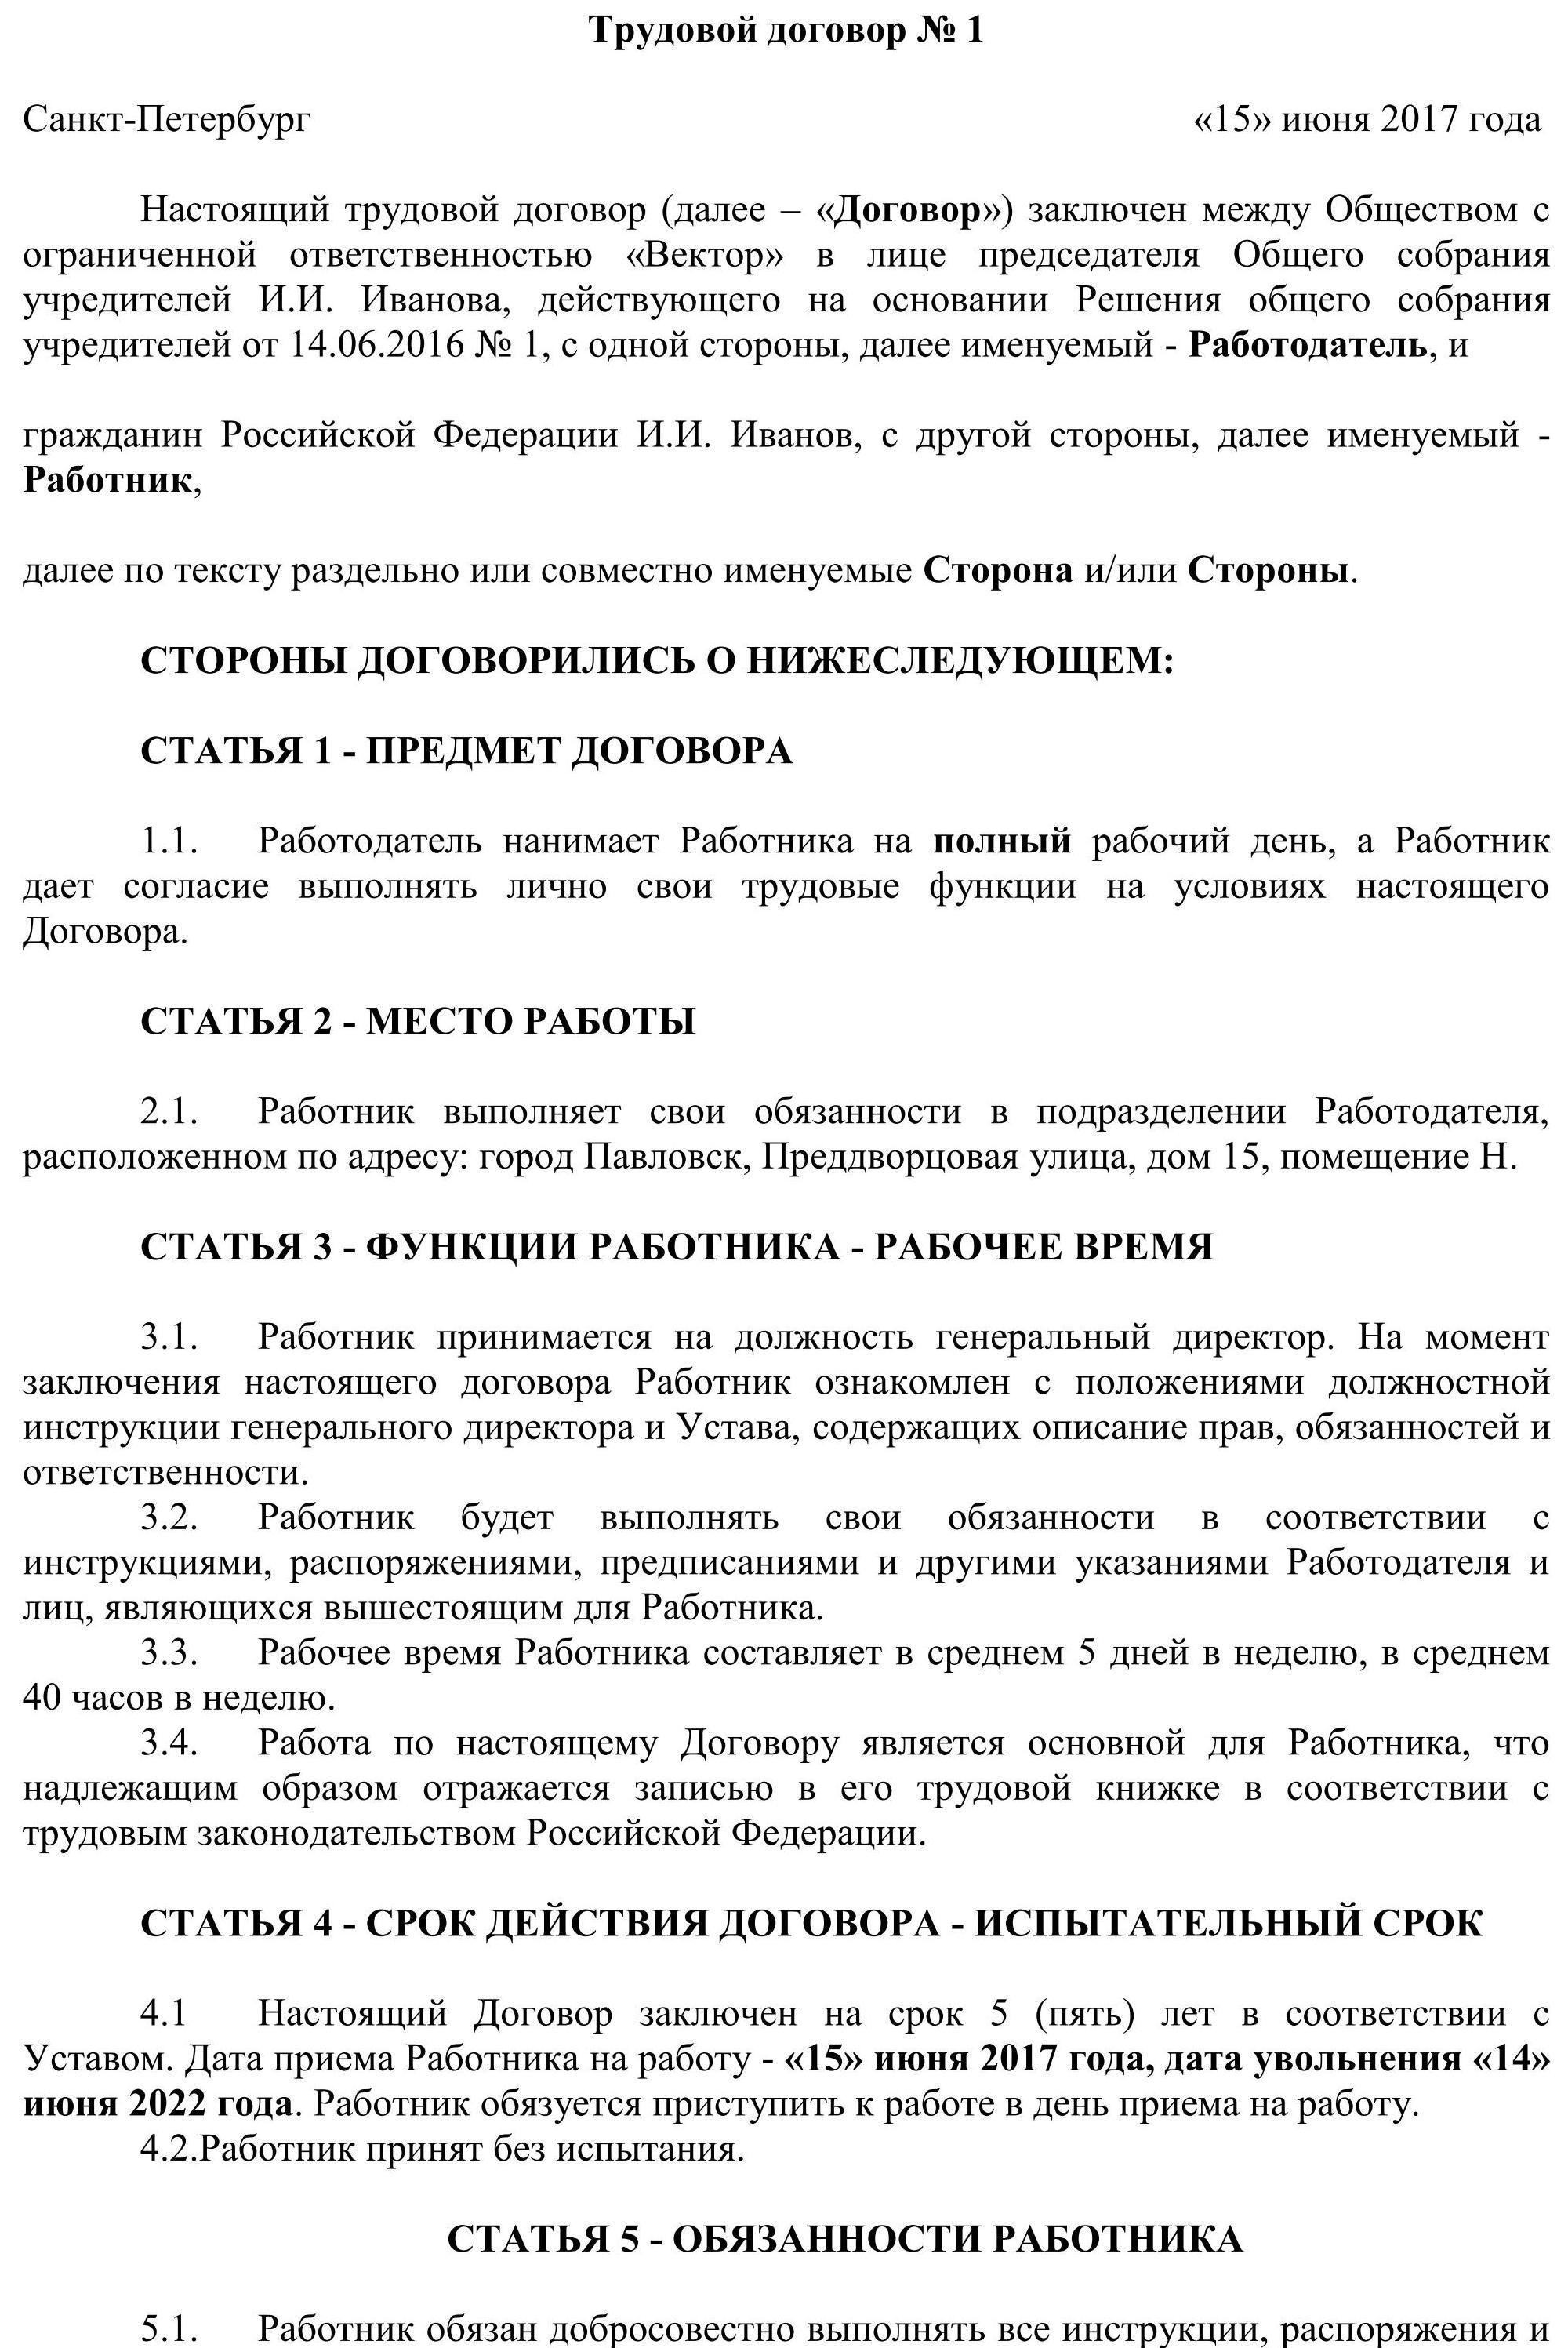 Трудовой договор с исполнительным директором справка с работы по форме банка